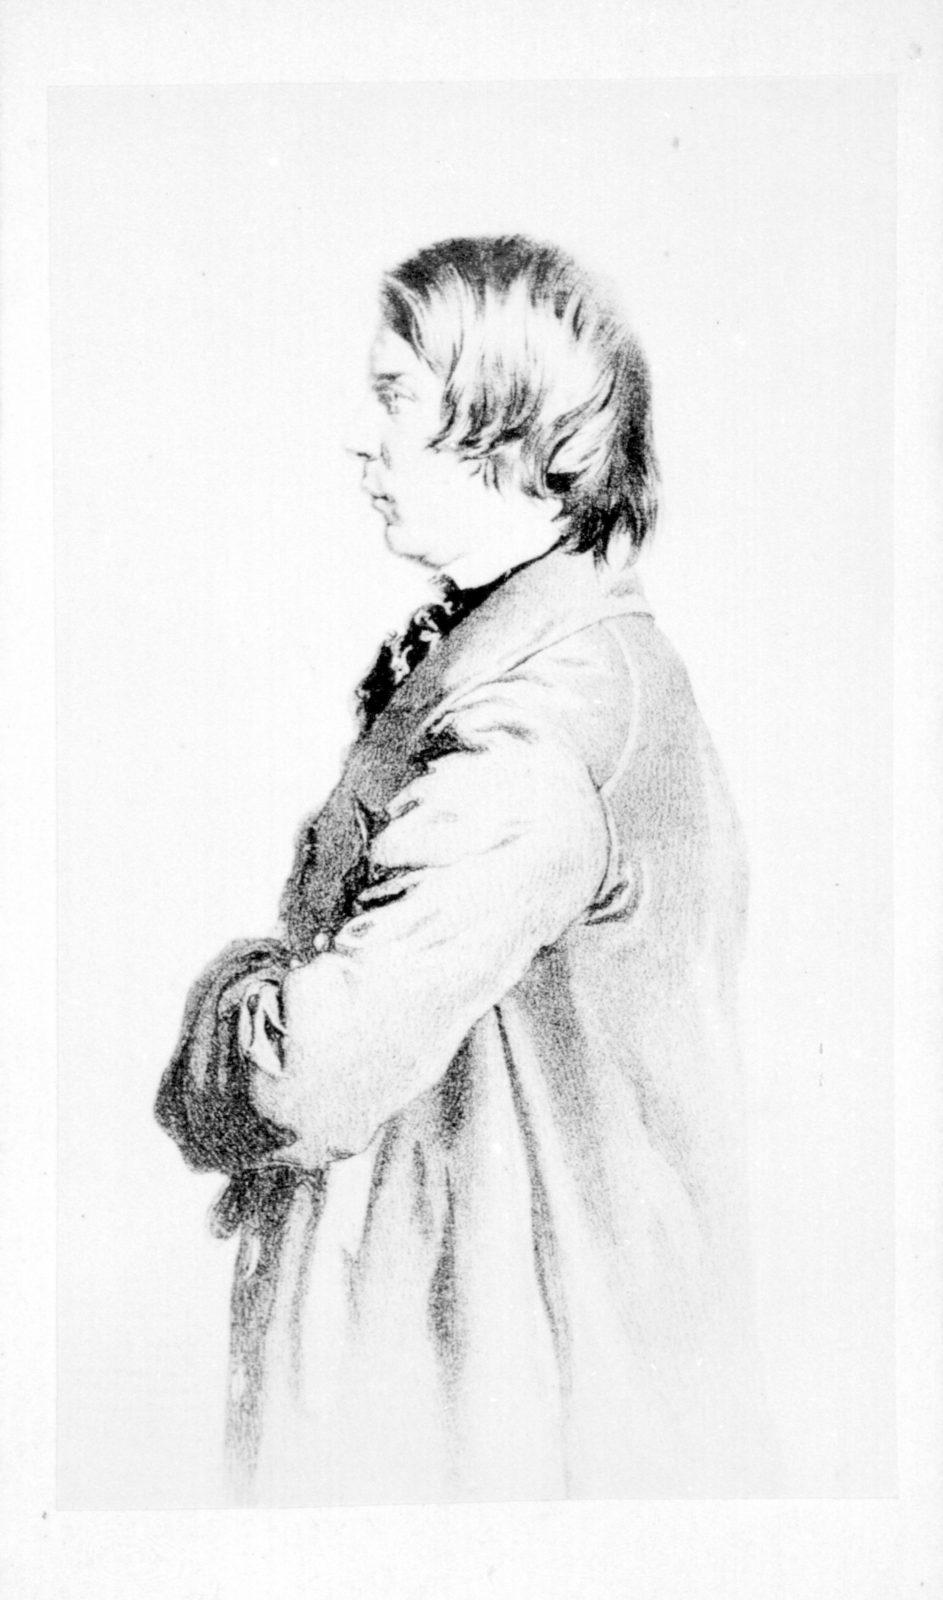 Robert Schumann portrait